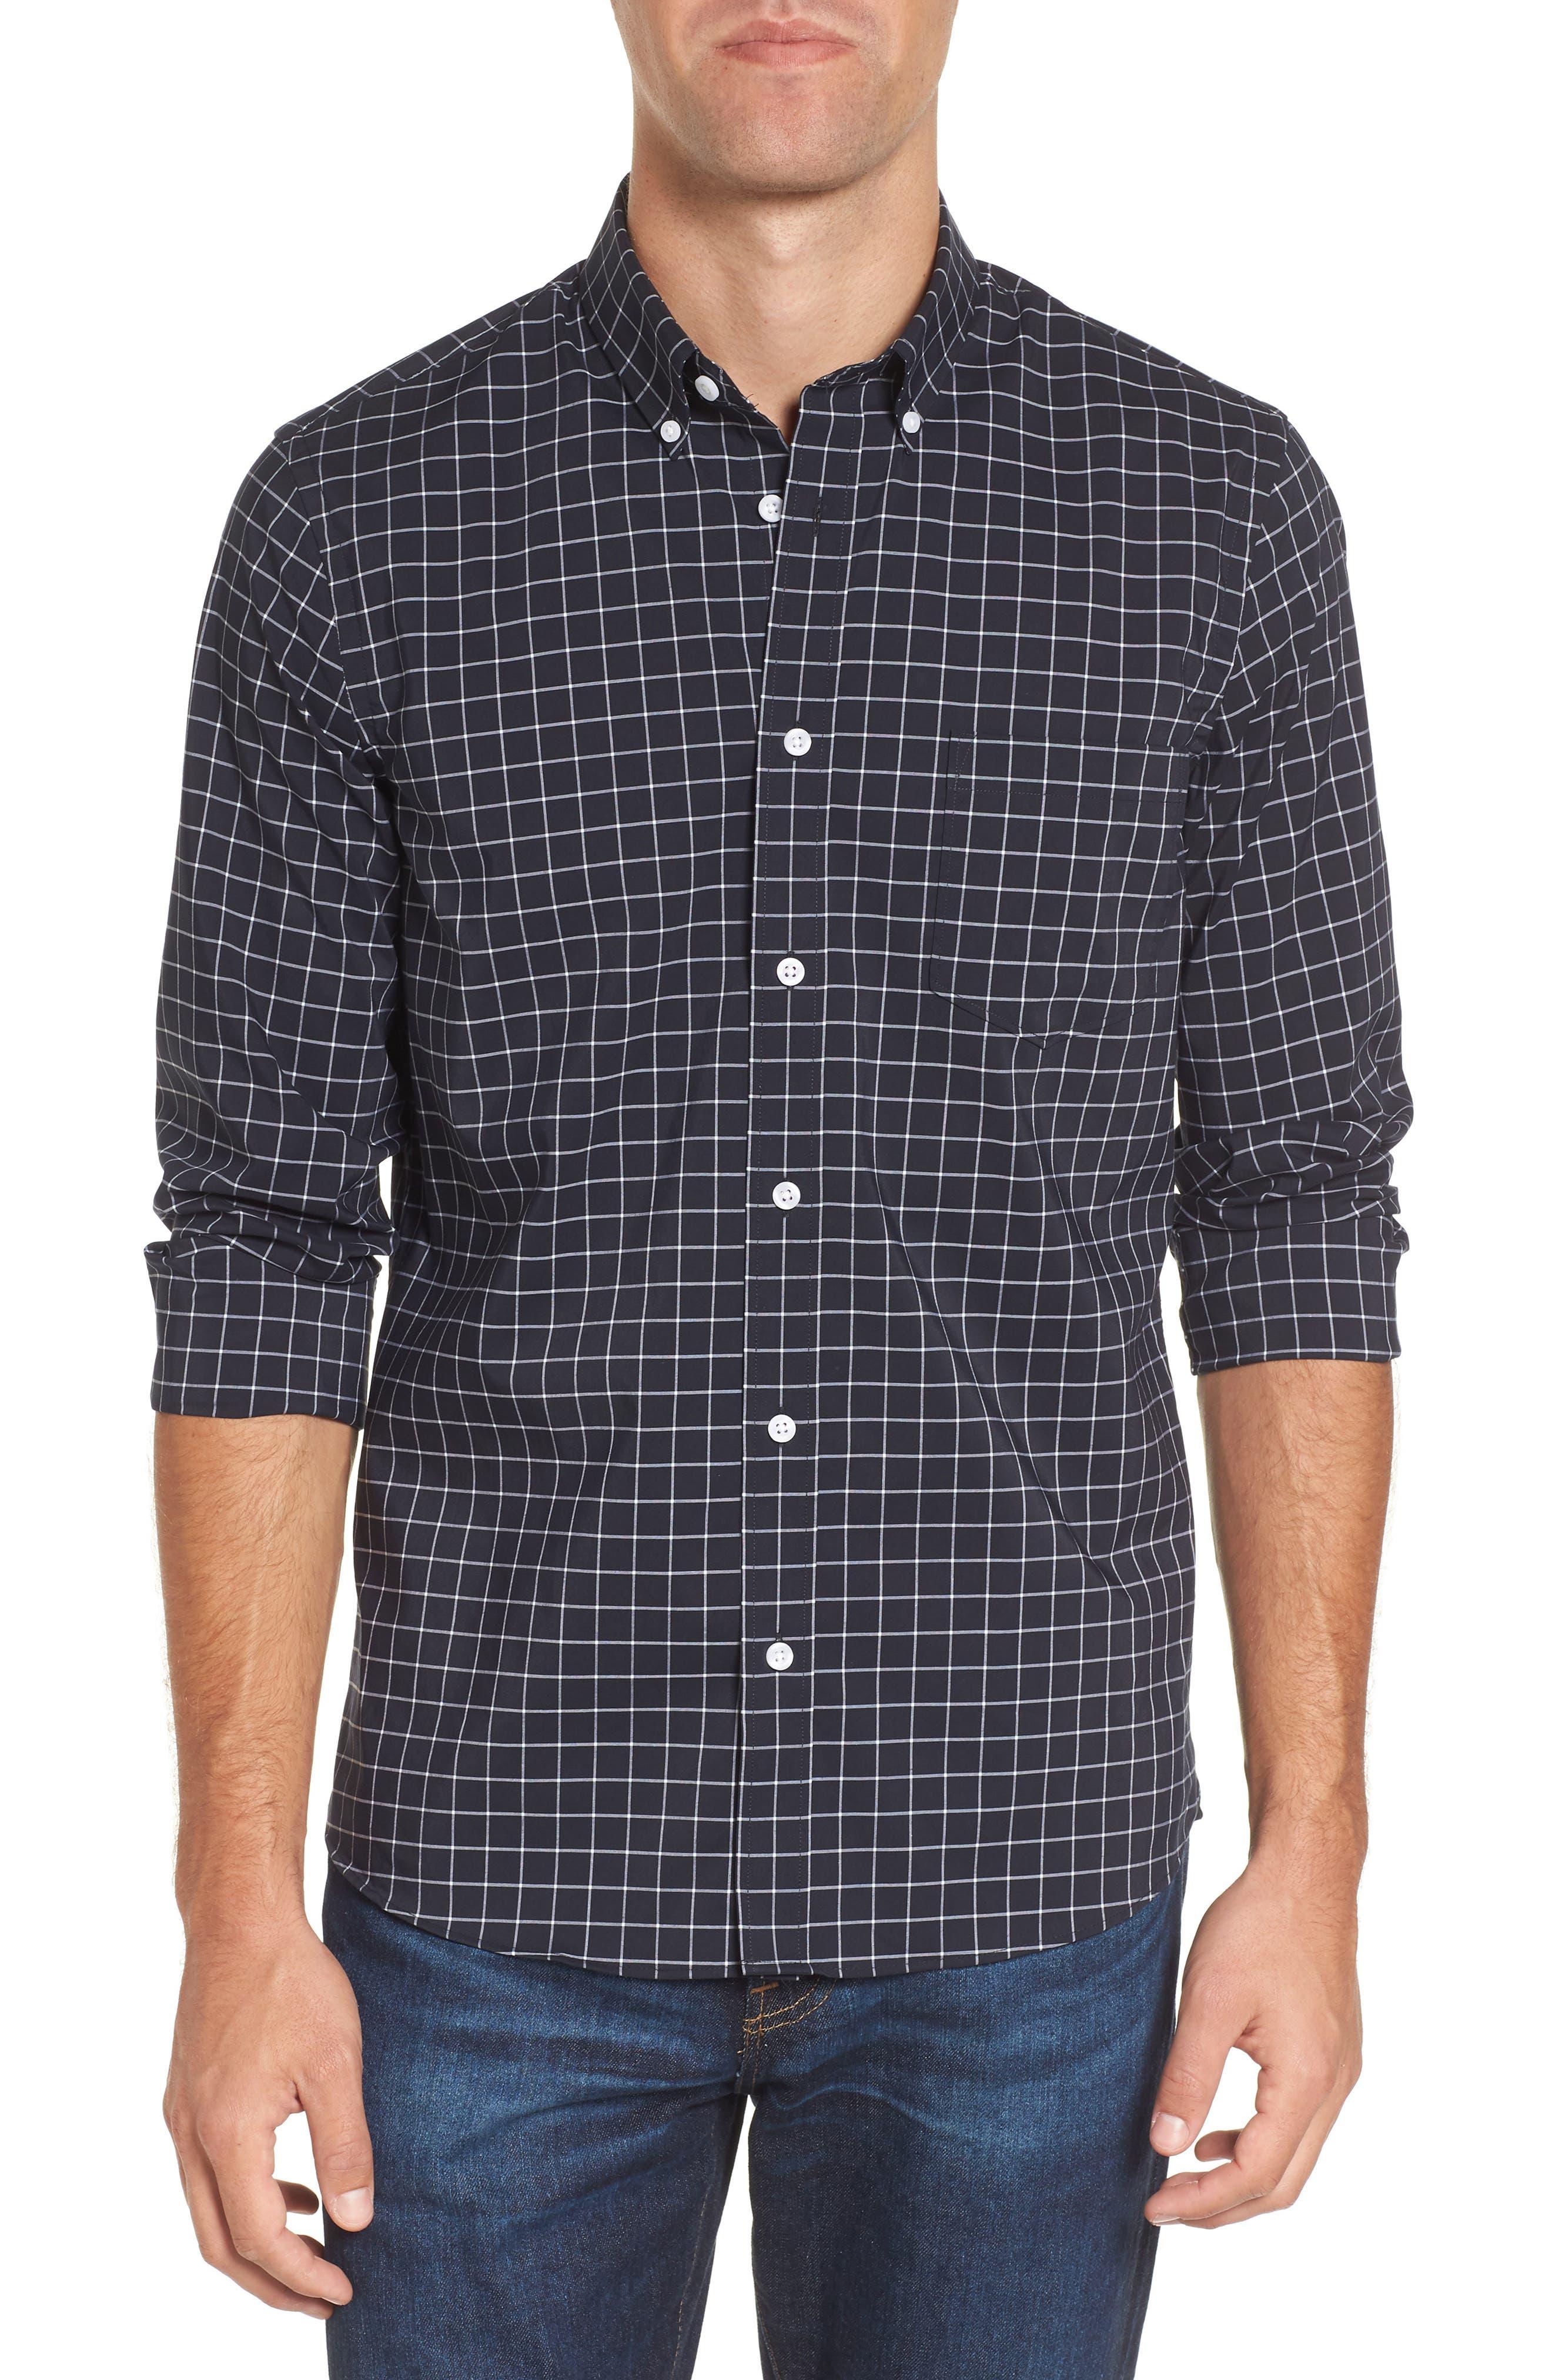 Alternate Image 1 Selected - Nordstrom Men's Shop Slim Fit Tech-Smart Grid Sport Shirt